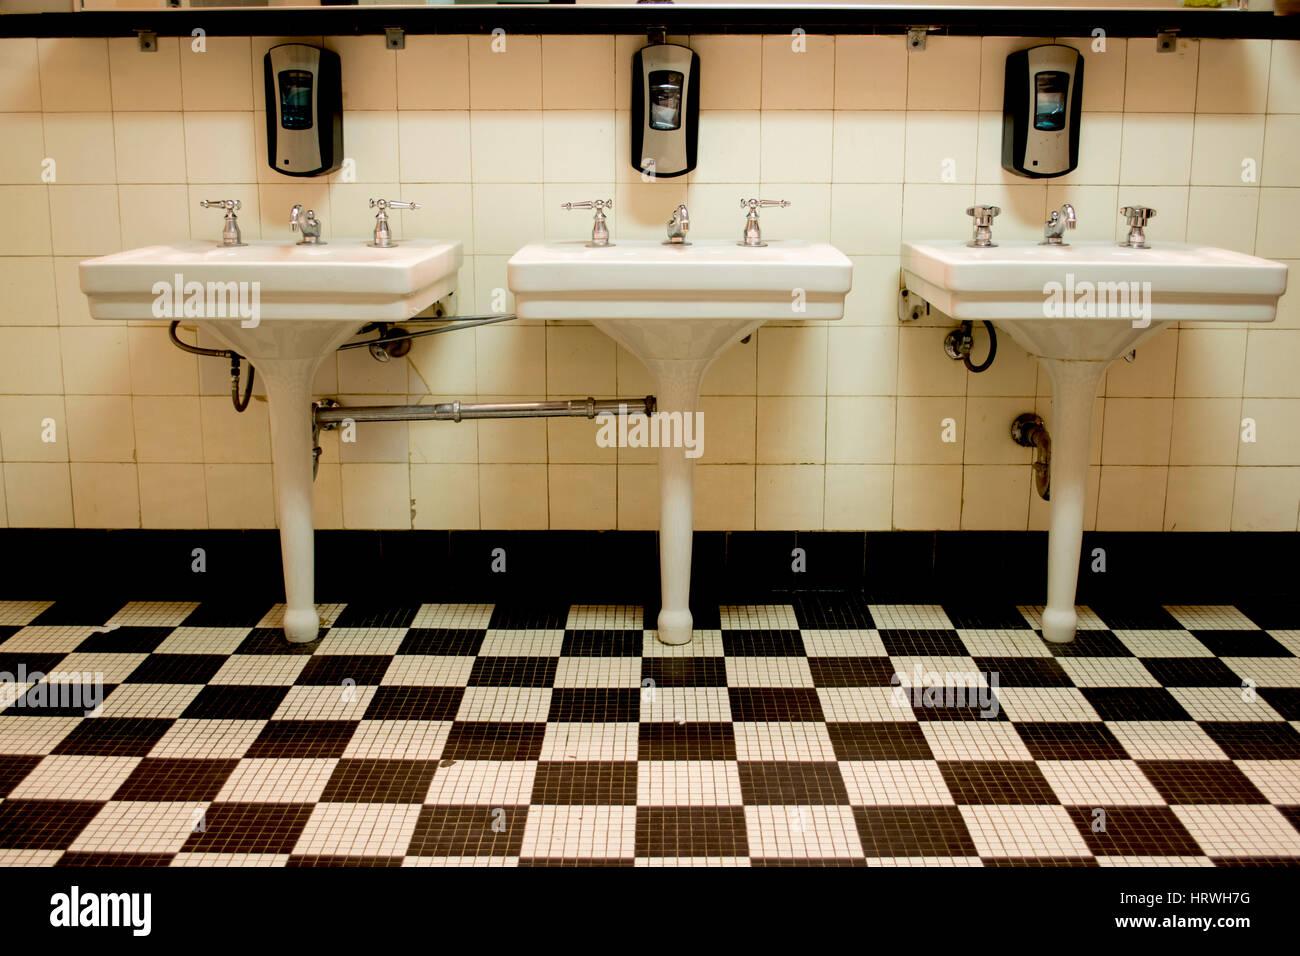 Tre porcellana bianca affonda in un vecchio Art Deco bagno pubblico ...